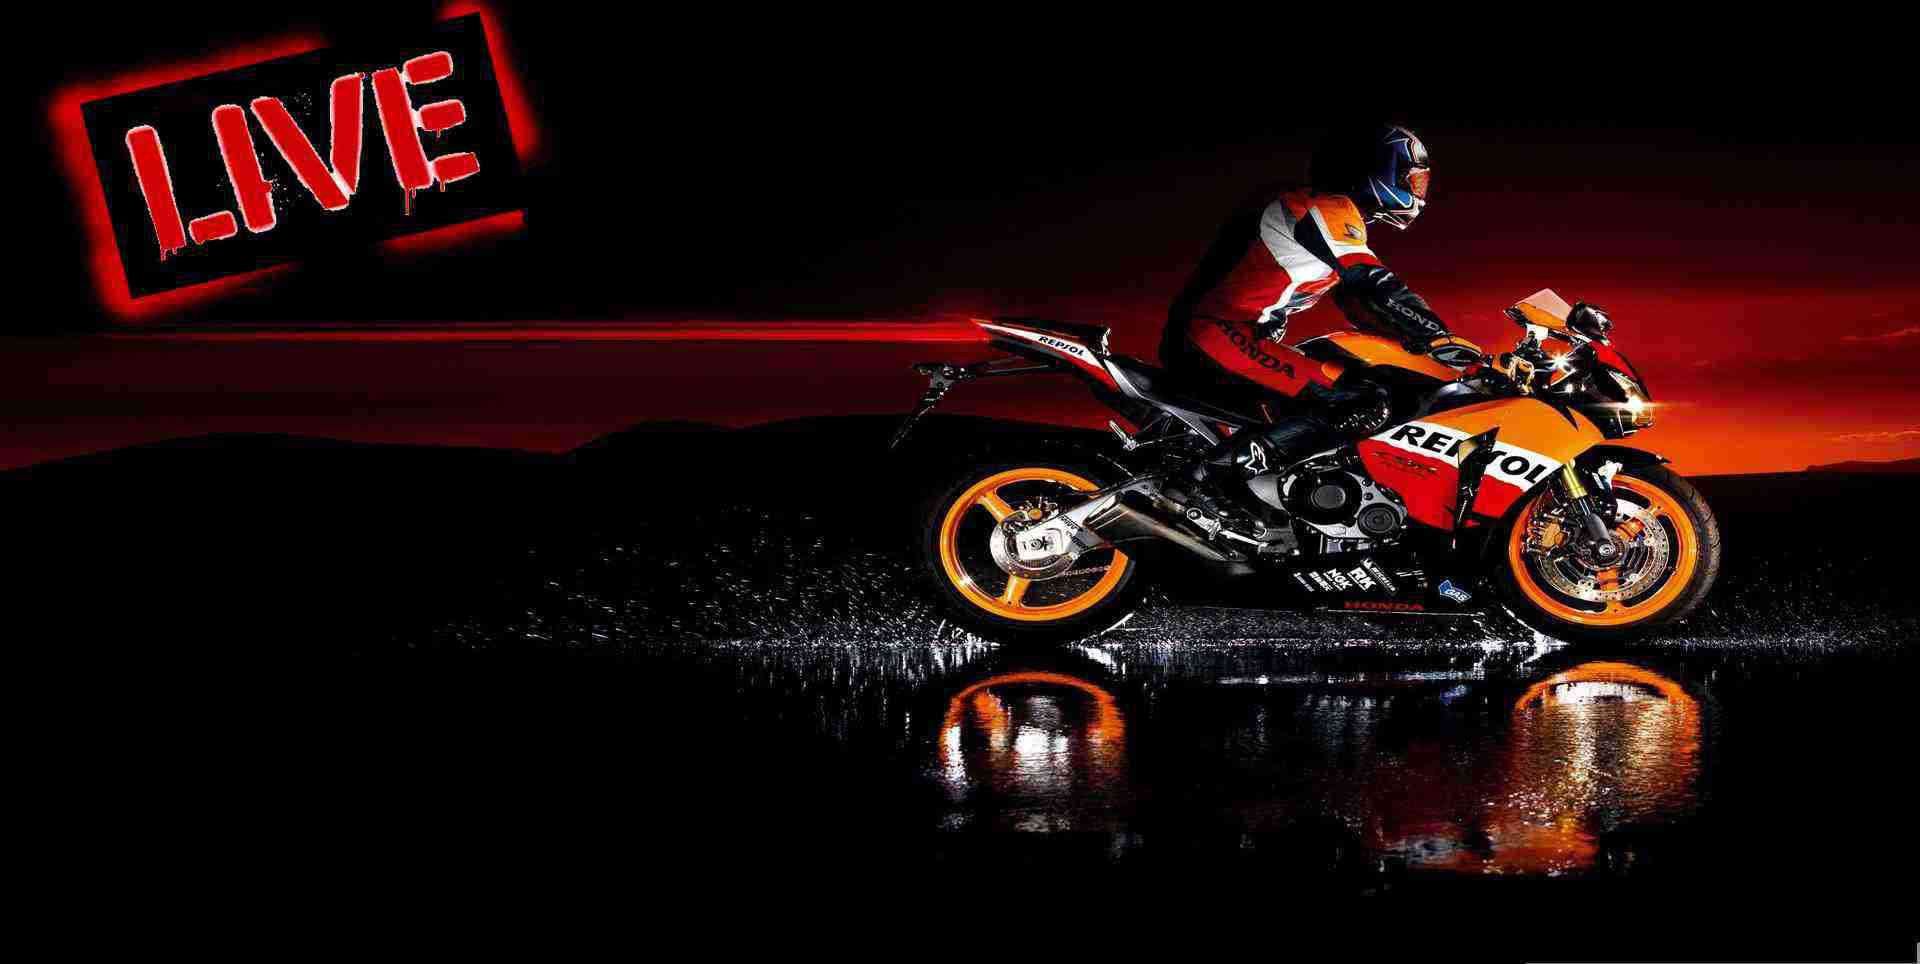 MotoGP Gran Premio bwin de Espana Live